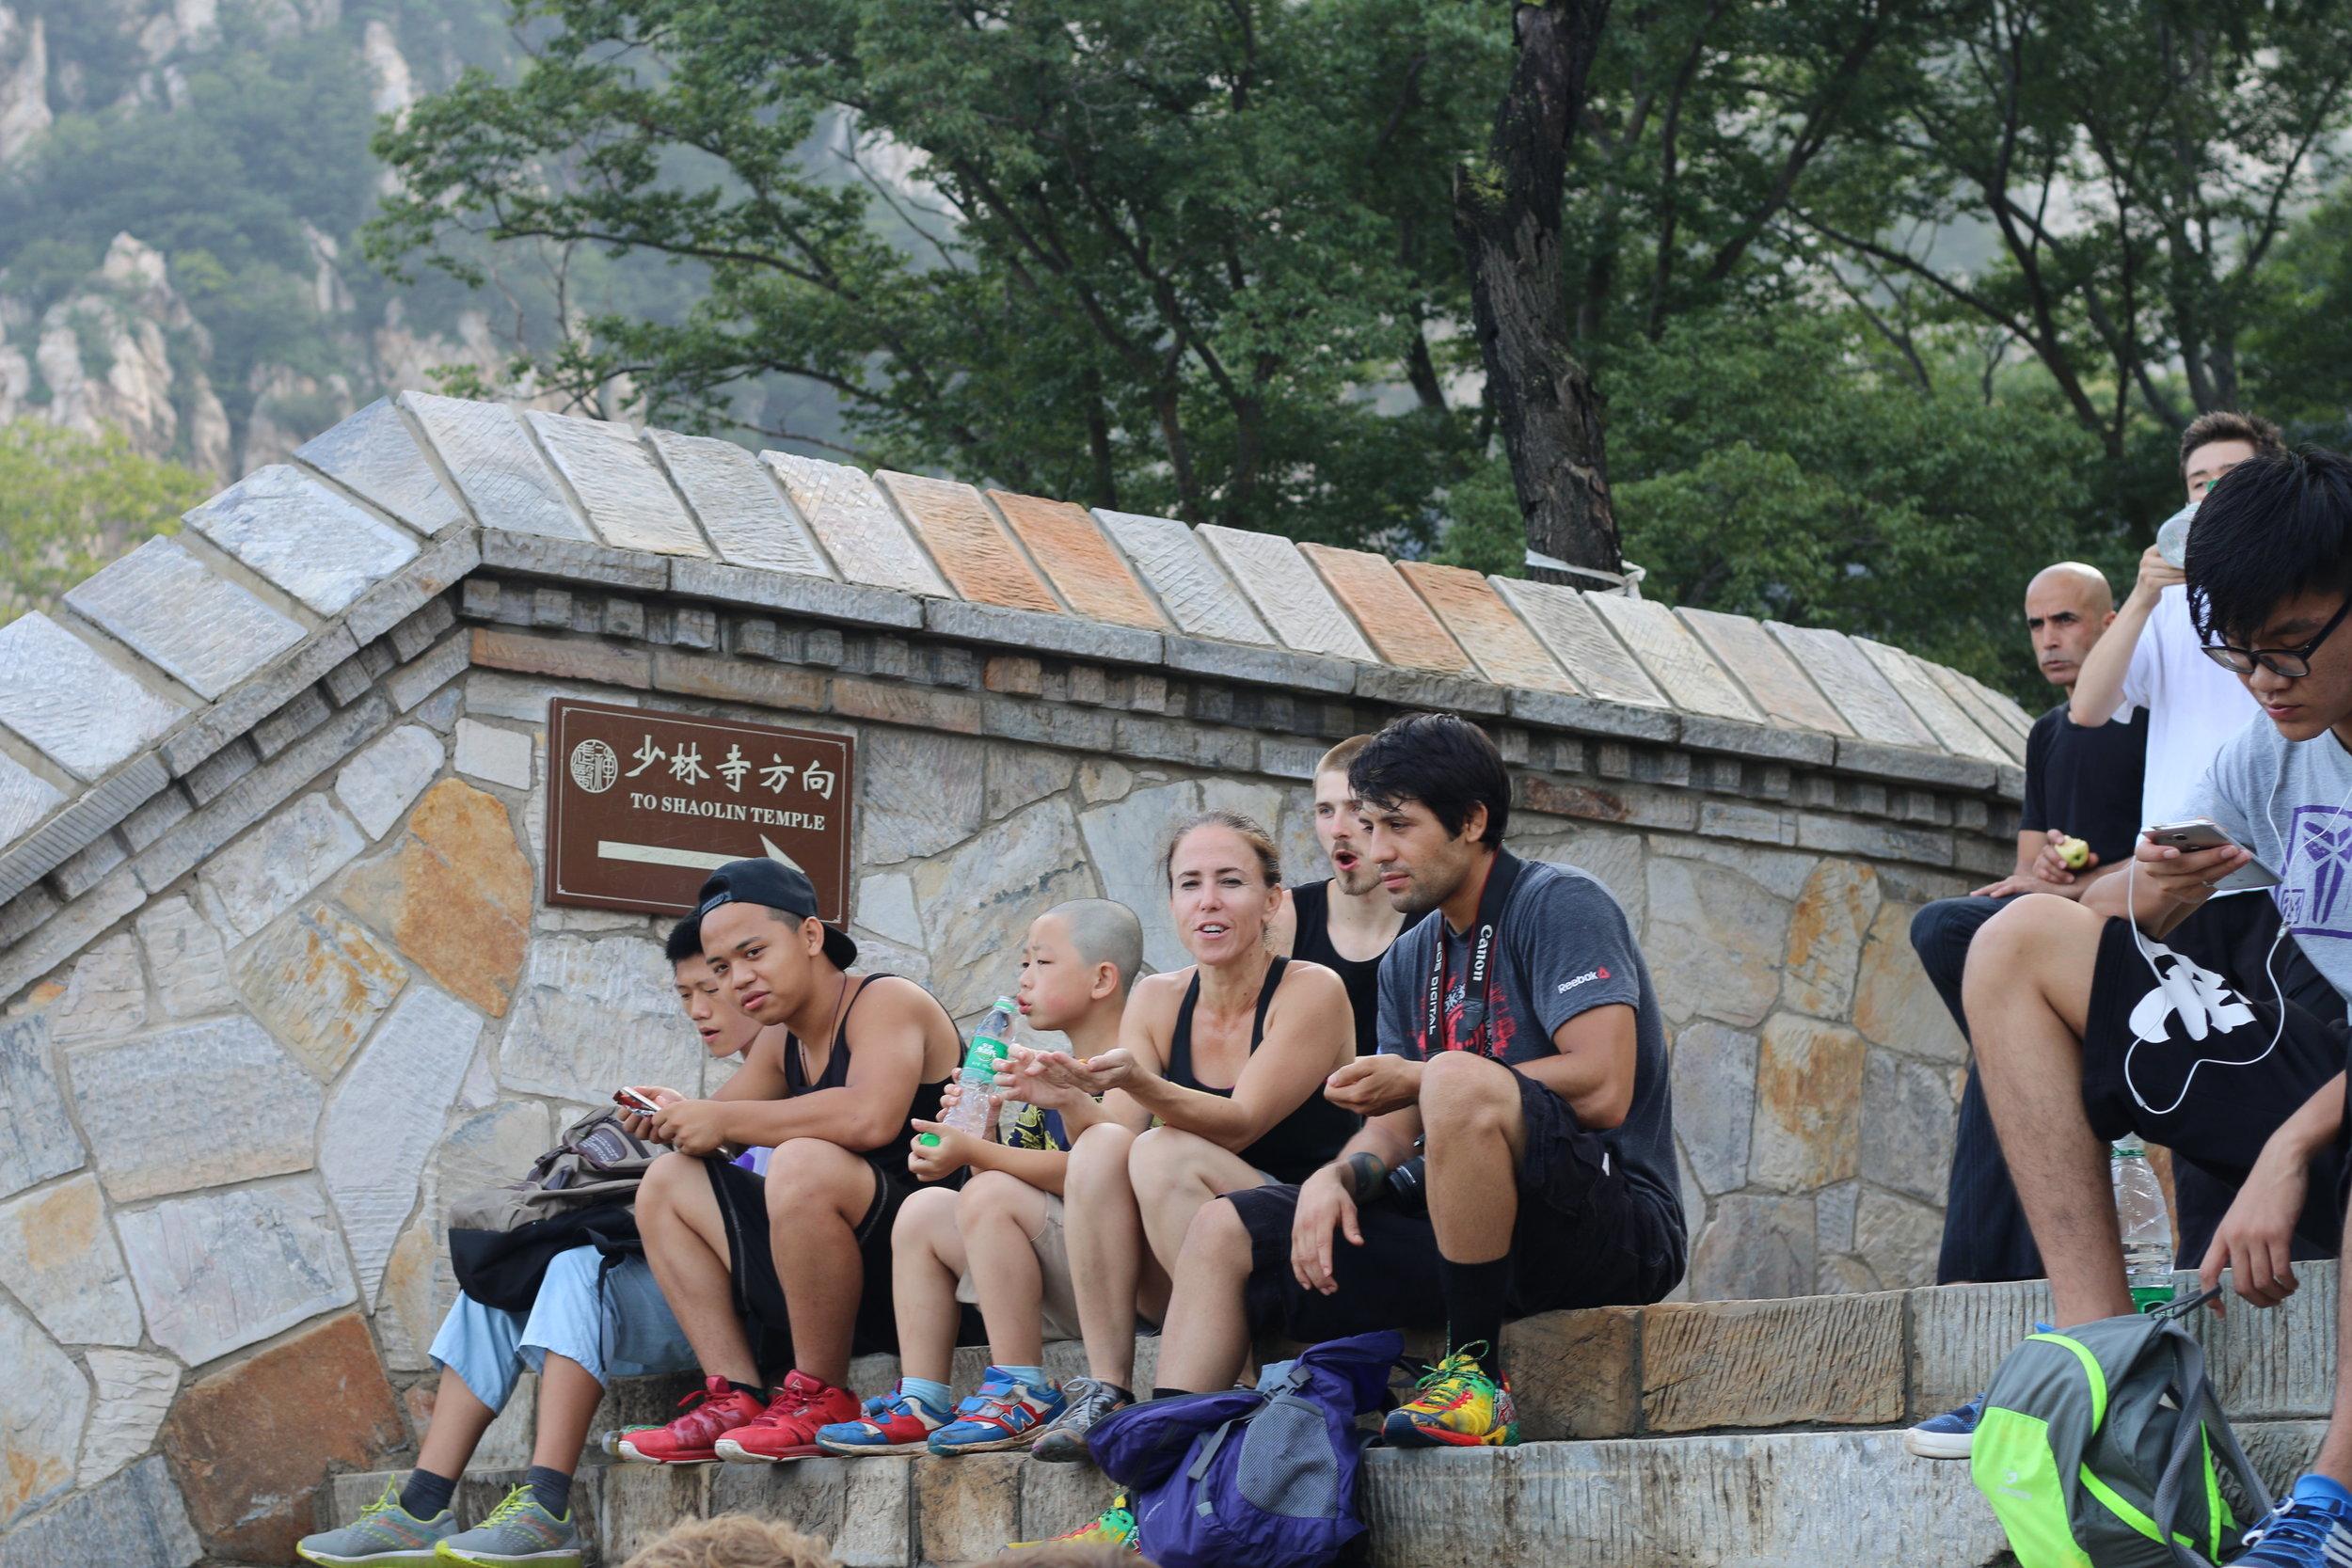 Shaolin summer camp 2016 21.JPG